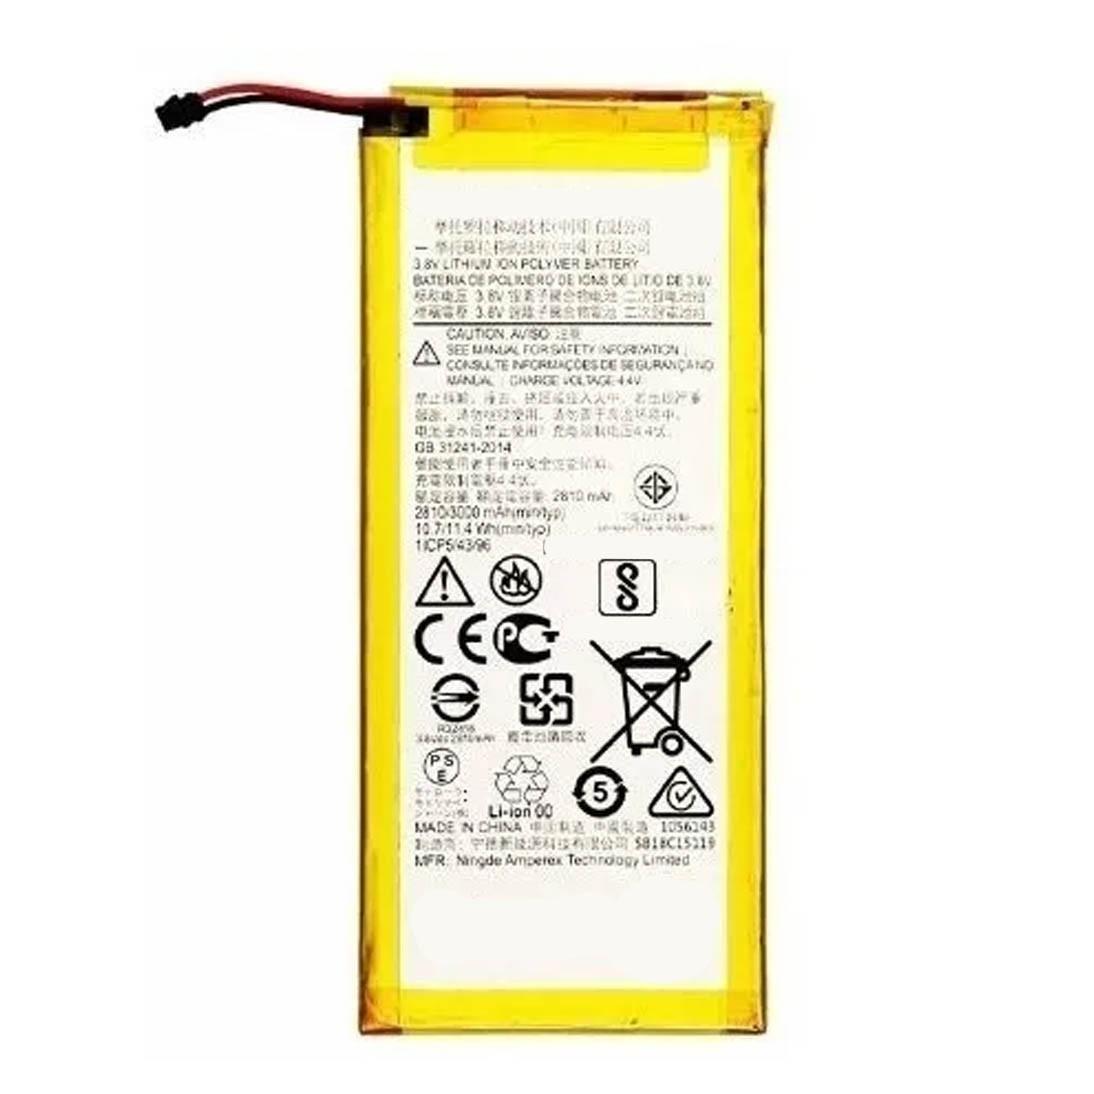 Bateria de Reposição g5s/hg30 Compatível G5s Plus Xt1802 G5s Xt1792 - HG30